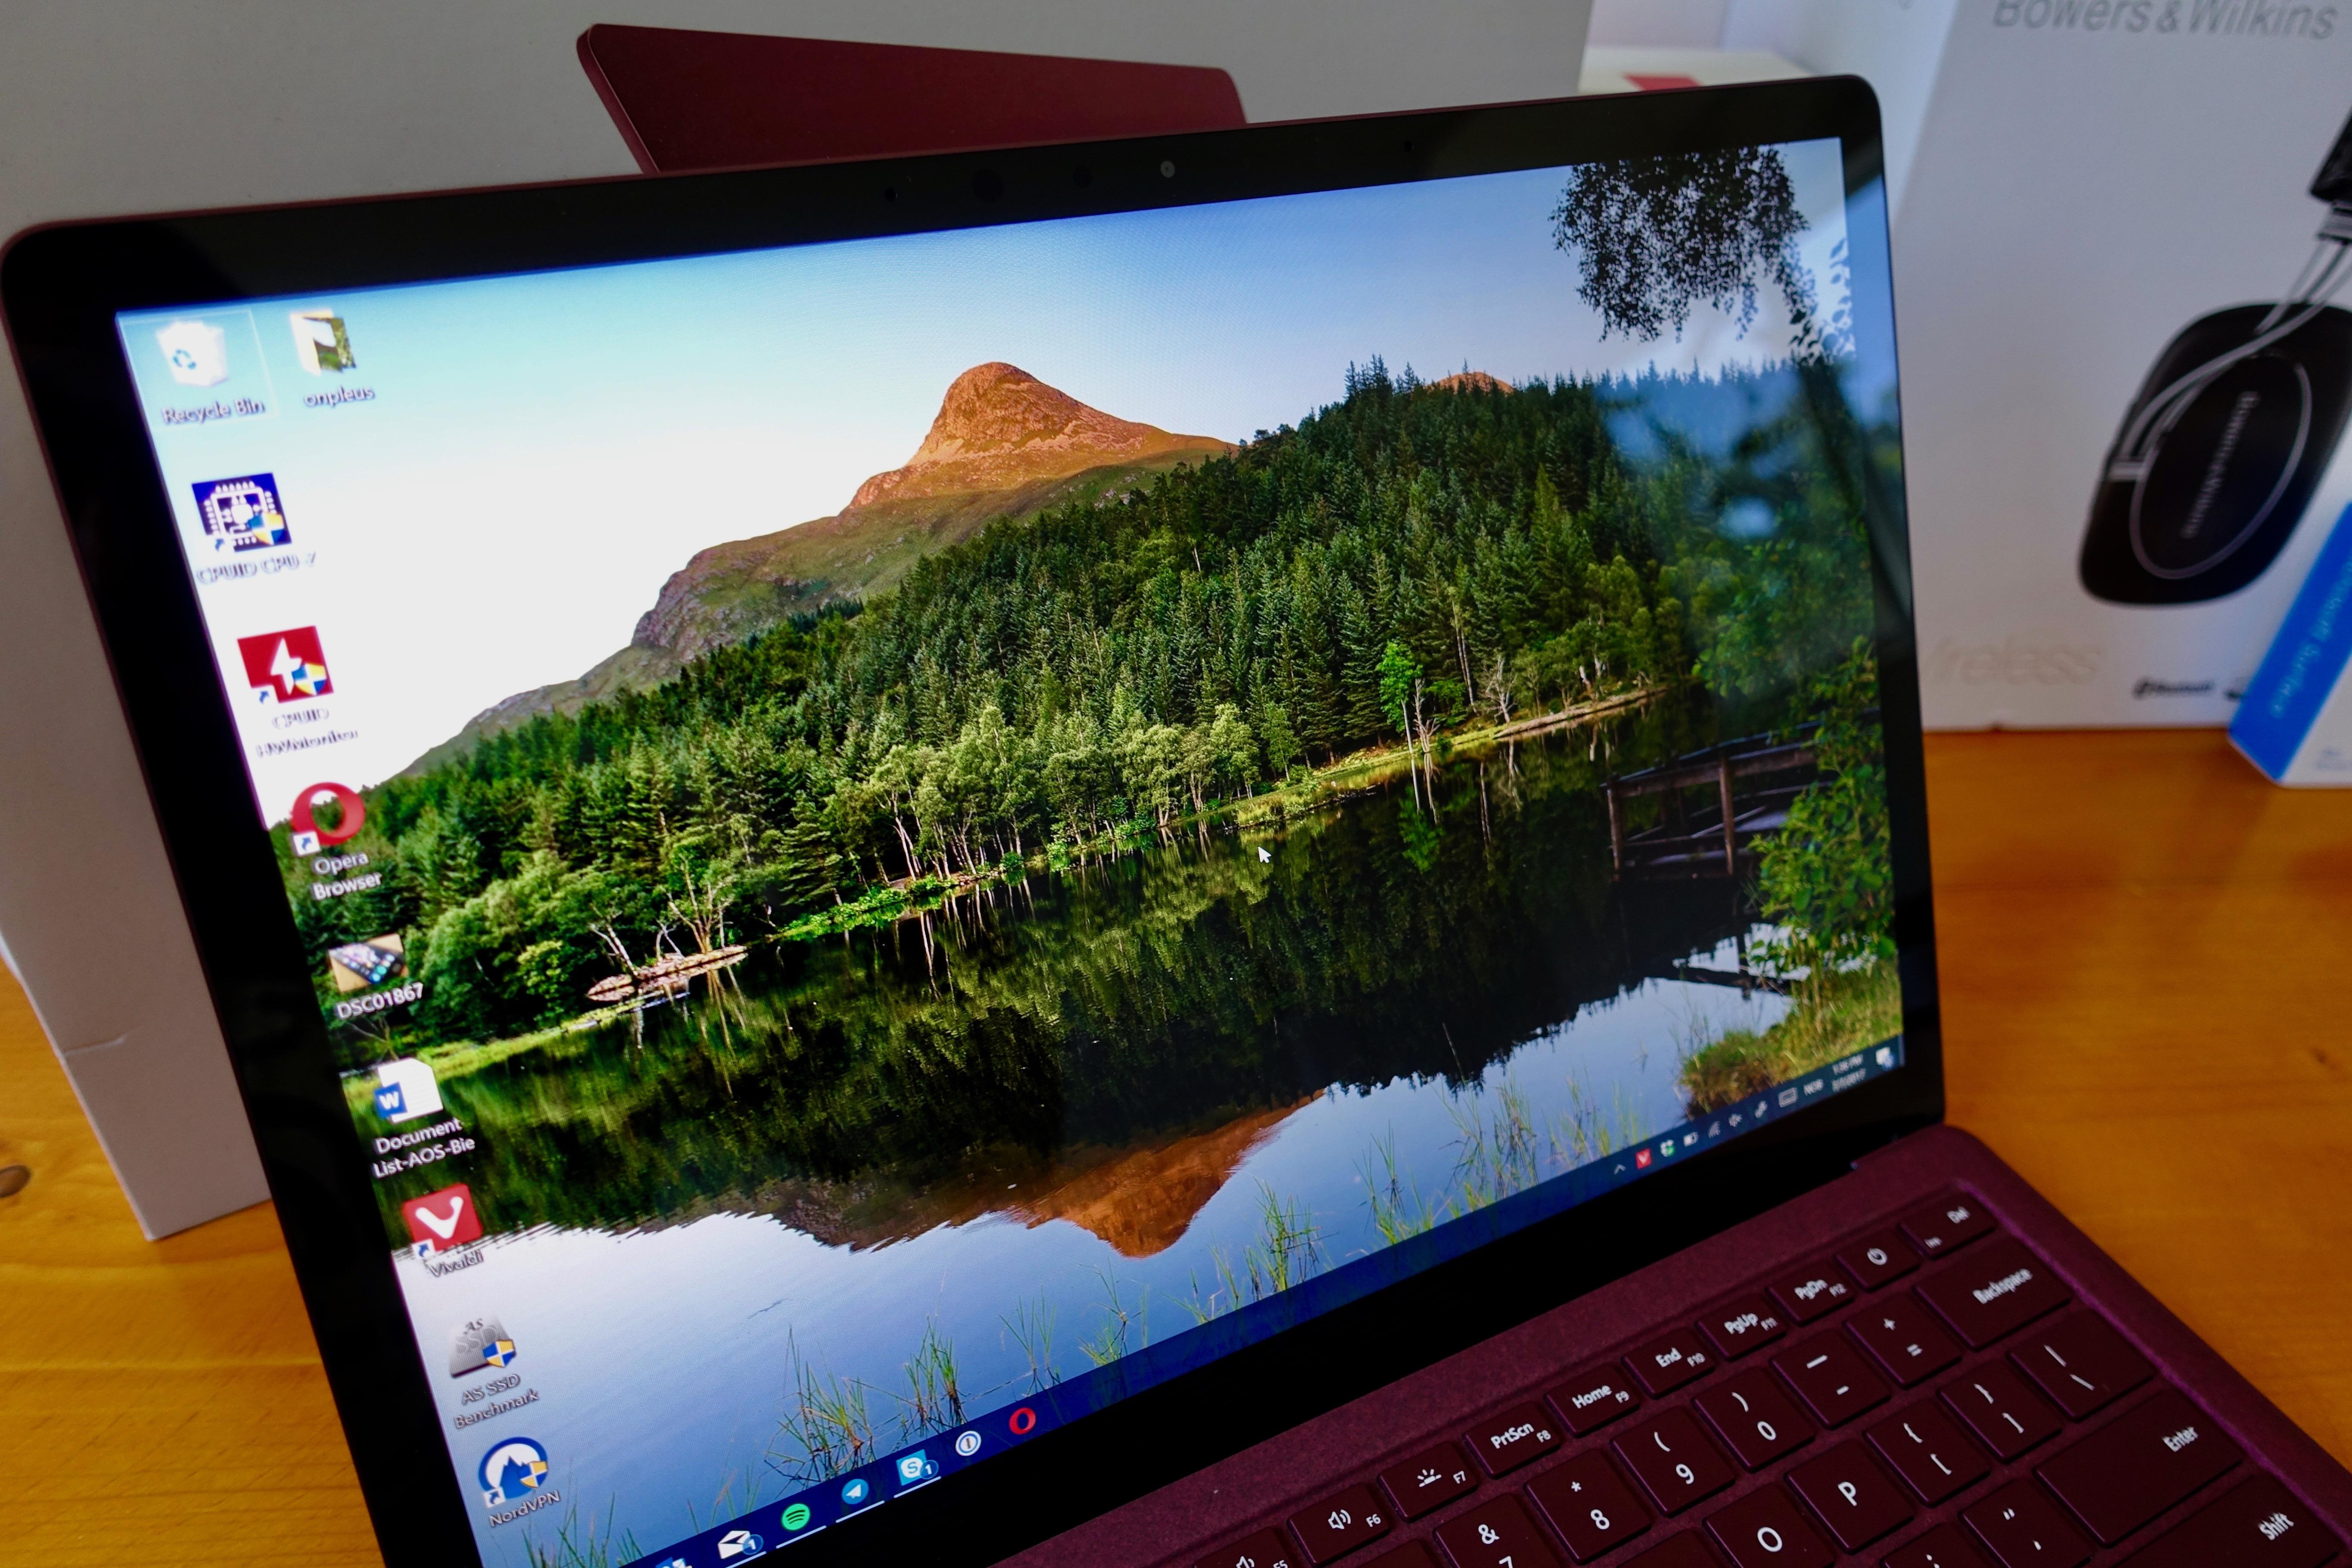 Surface Laptop er en griselekker maskin som er god og skrive på og som har en svært god skjerm, men man må styre batteriet selv og den har kun 1 x USB 3.0-port. Dessuten er SSD-skriveytelsen veldig dårlig.